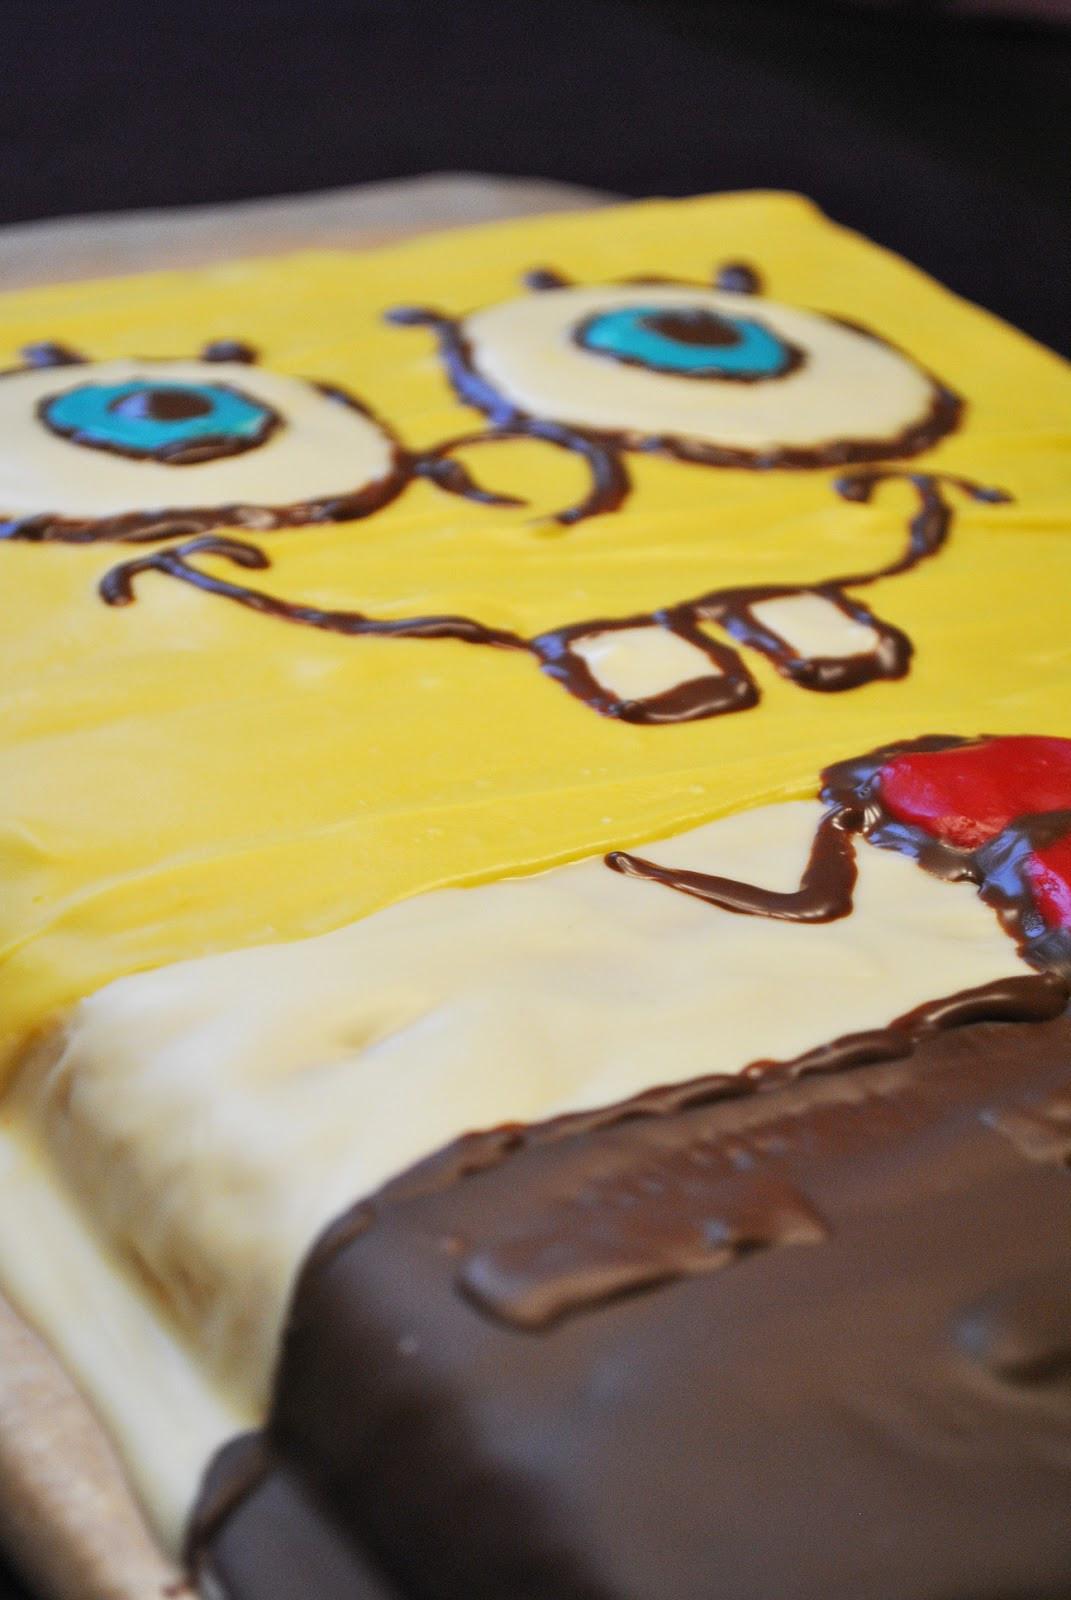 Spongebob Kuchen  Spongebob Kuchen — Rezepte Suchen